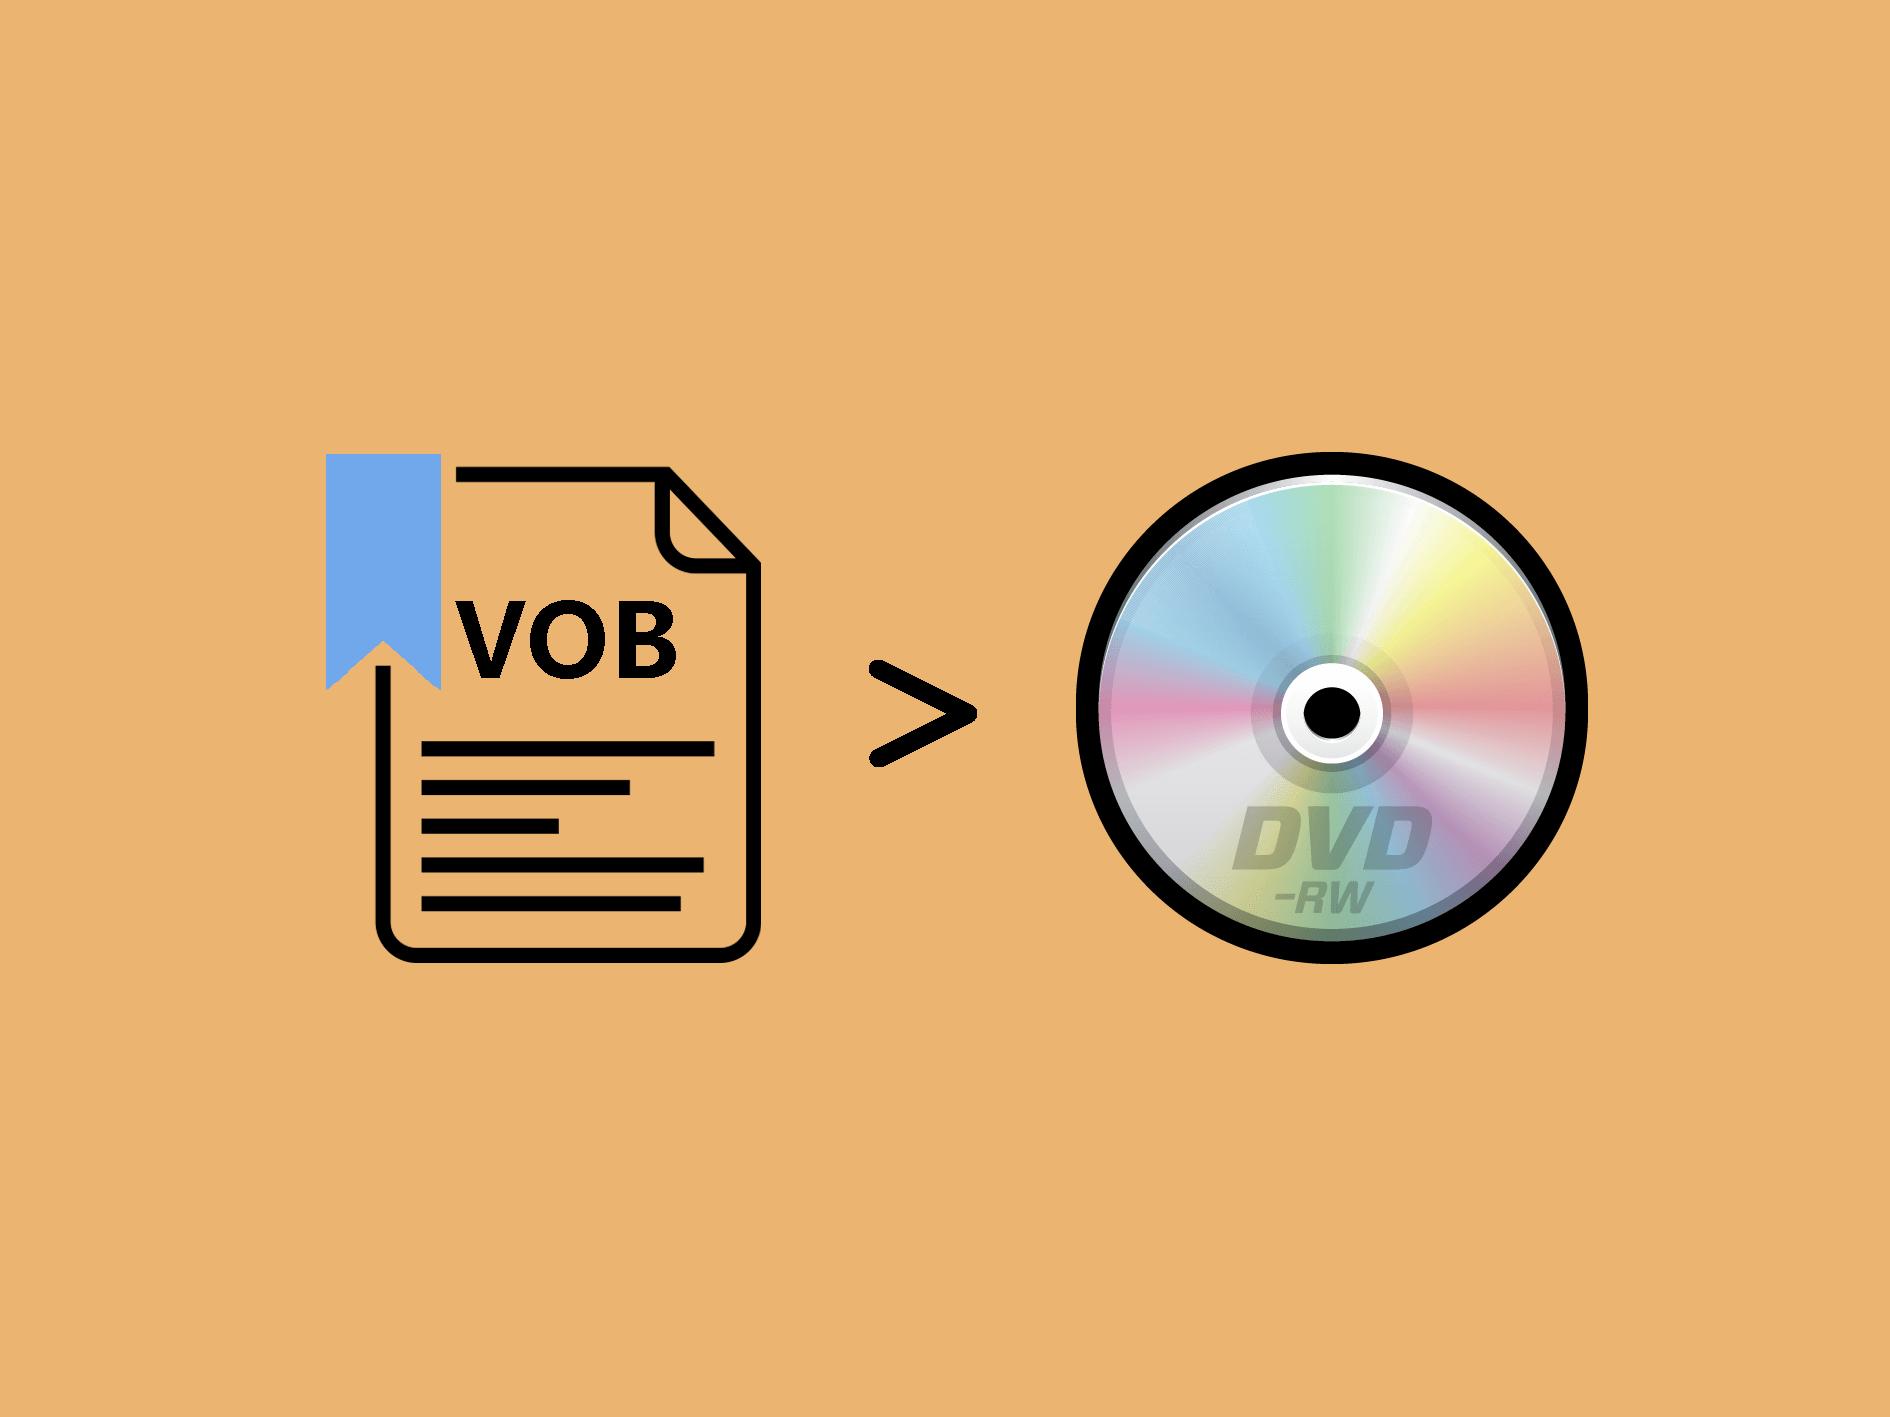 VOBファイルをDVDに書き込みする方法